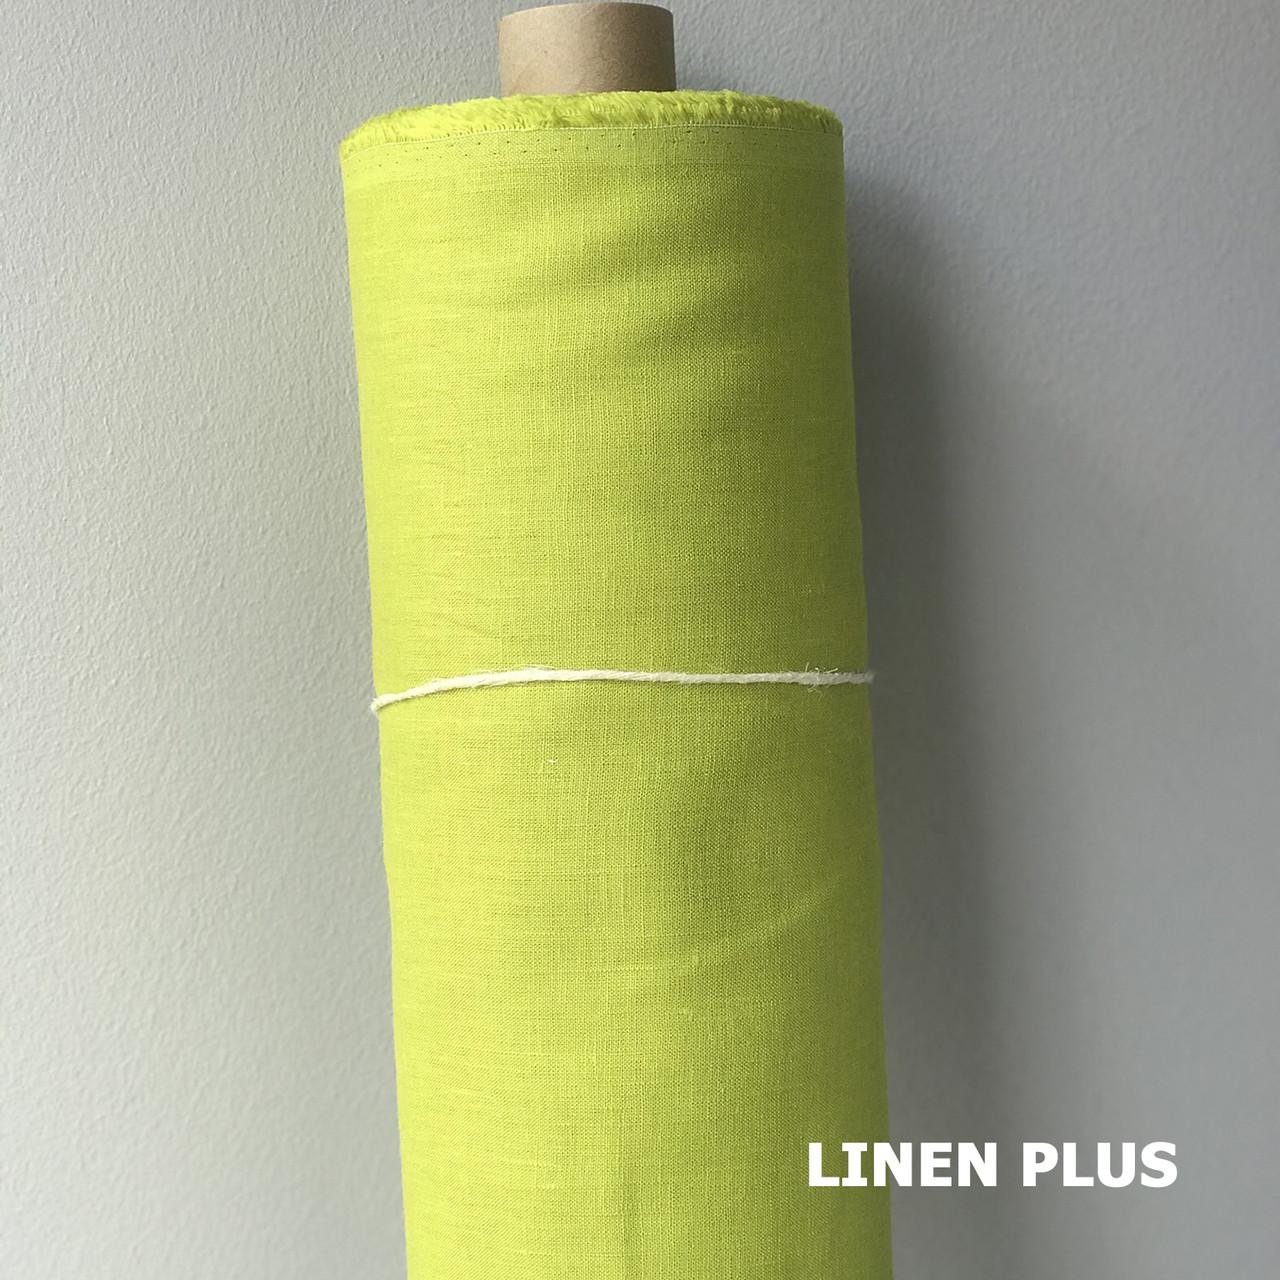 Салатовая льняная ткань 100% лен, цвет 1139